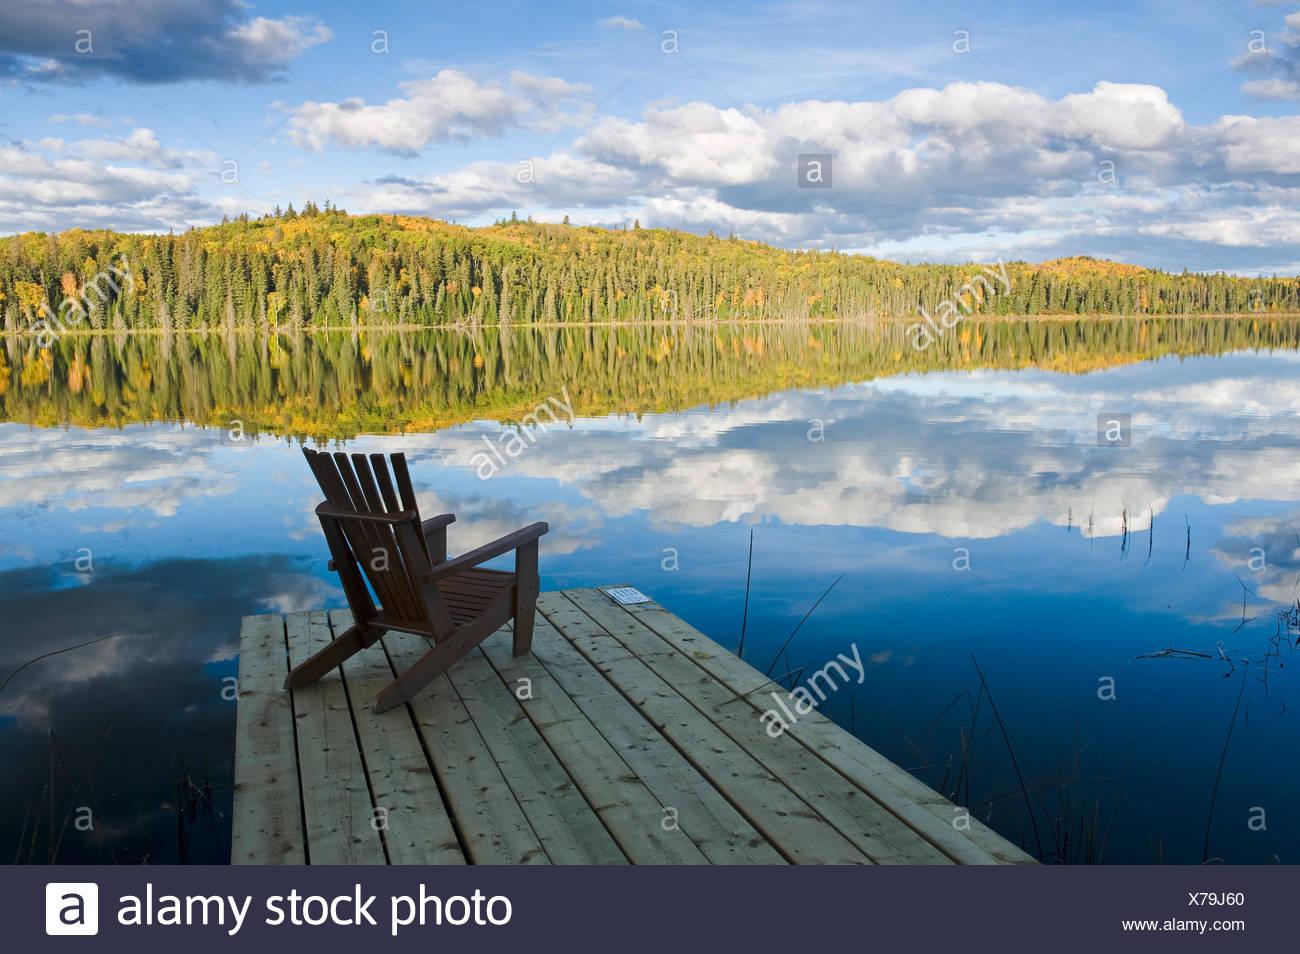 Sedia di Muskoka sul dock, Spray Lago , Duck montagna Parco Provinciale, Manitoba, Canada Immagini Stock